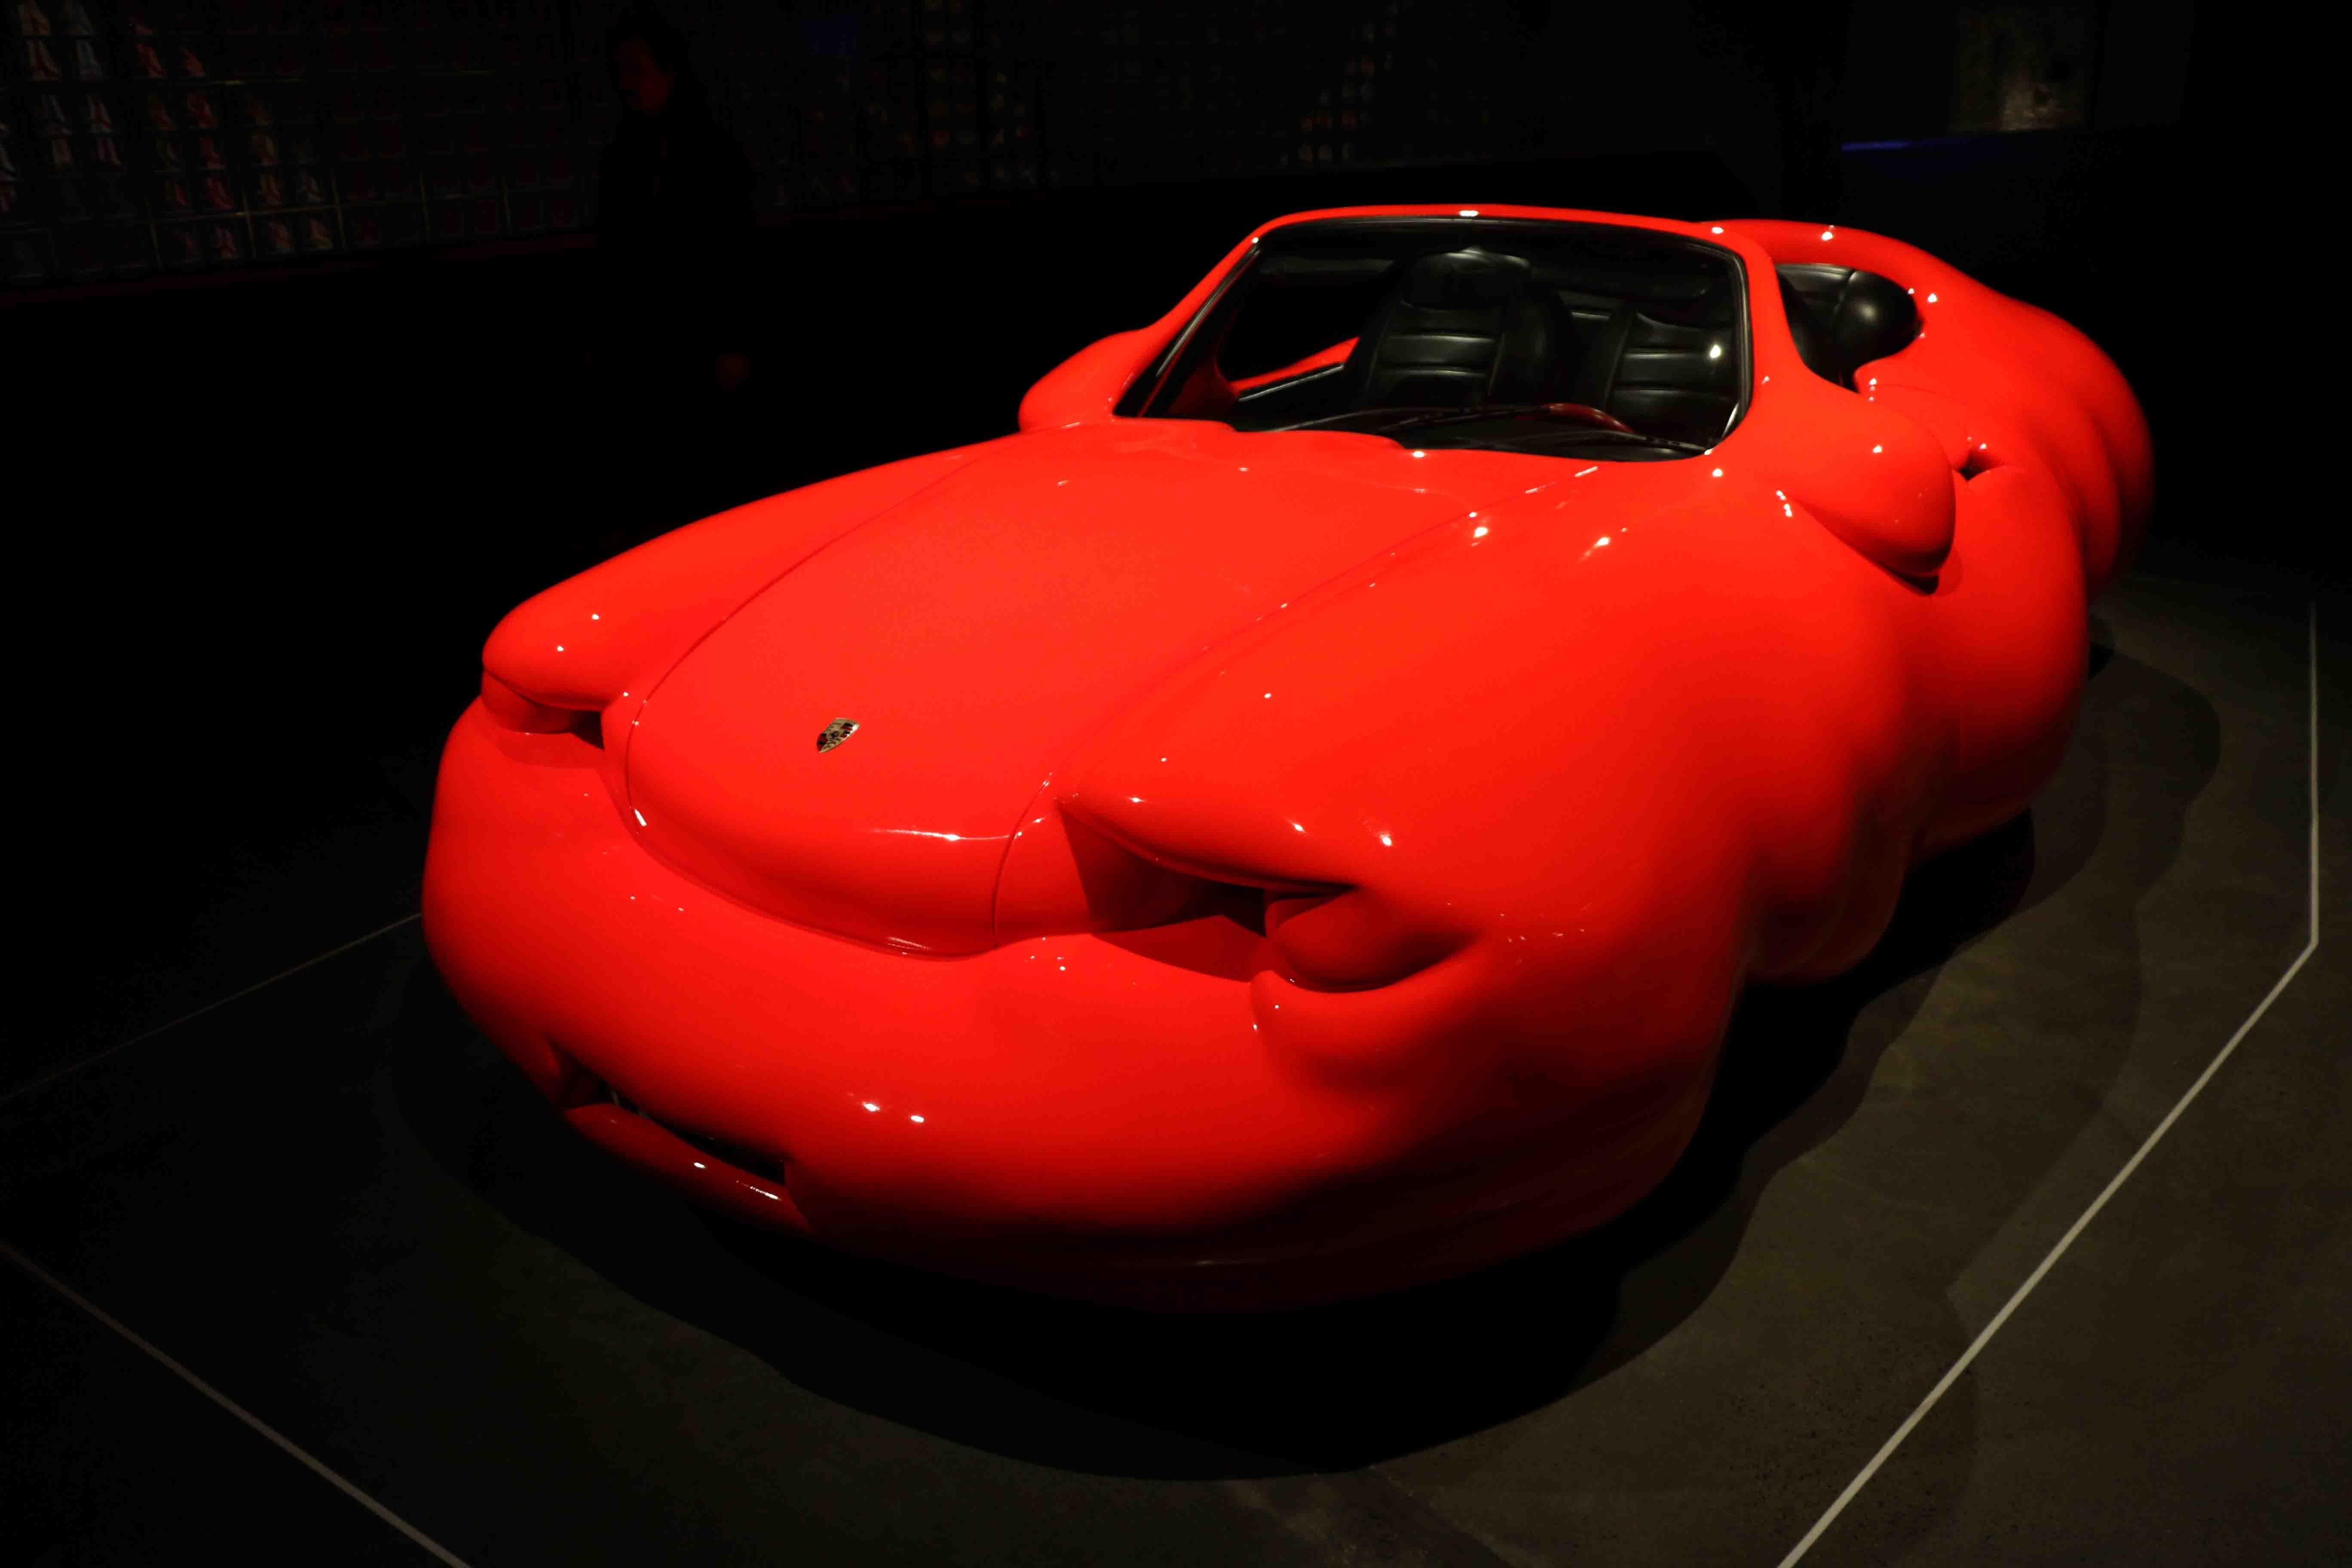 Fat Car by Erwin Wrm